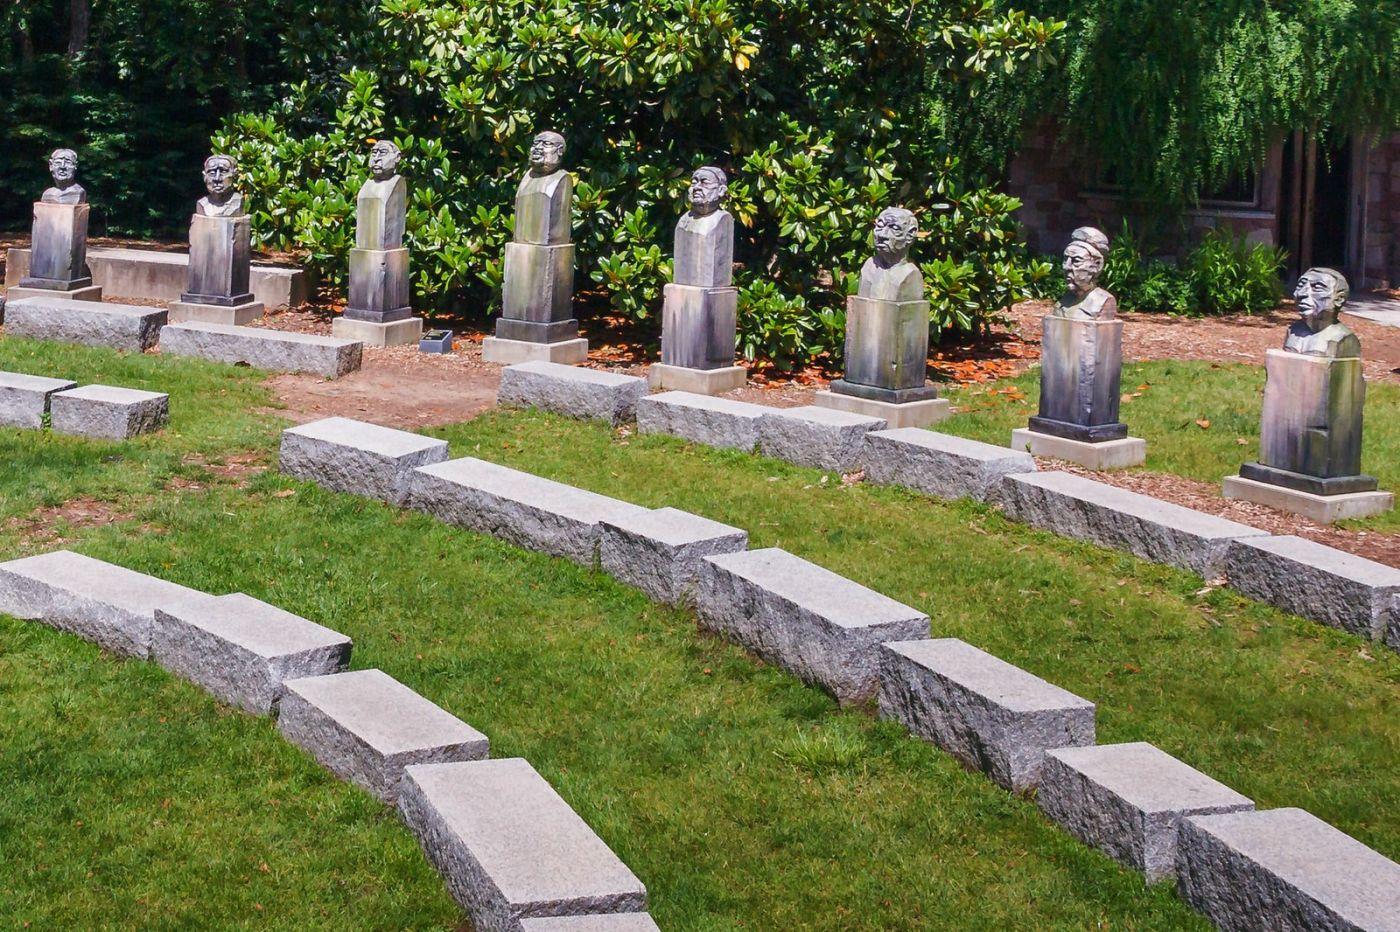 新澤西州雕塑公園(Grounds for scuplture),題材很廣_圖1-12